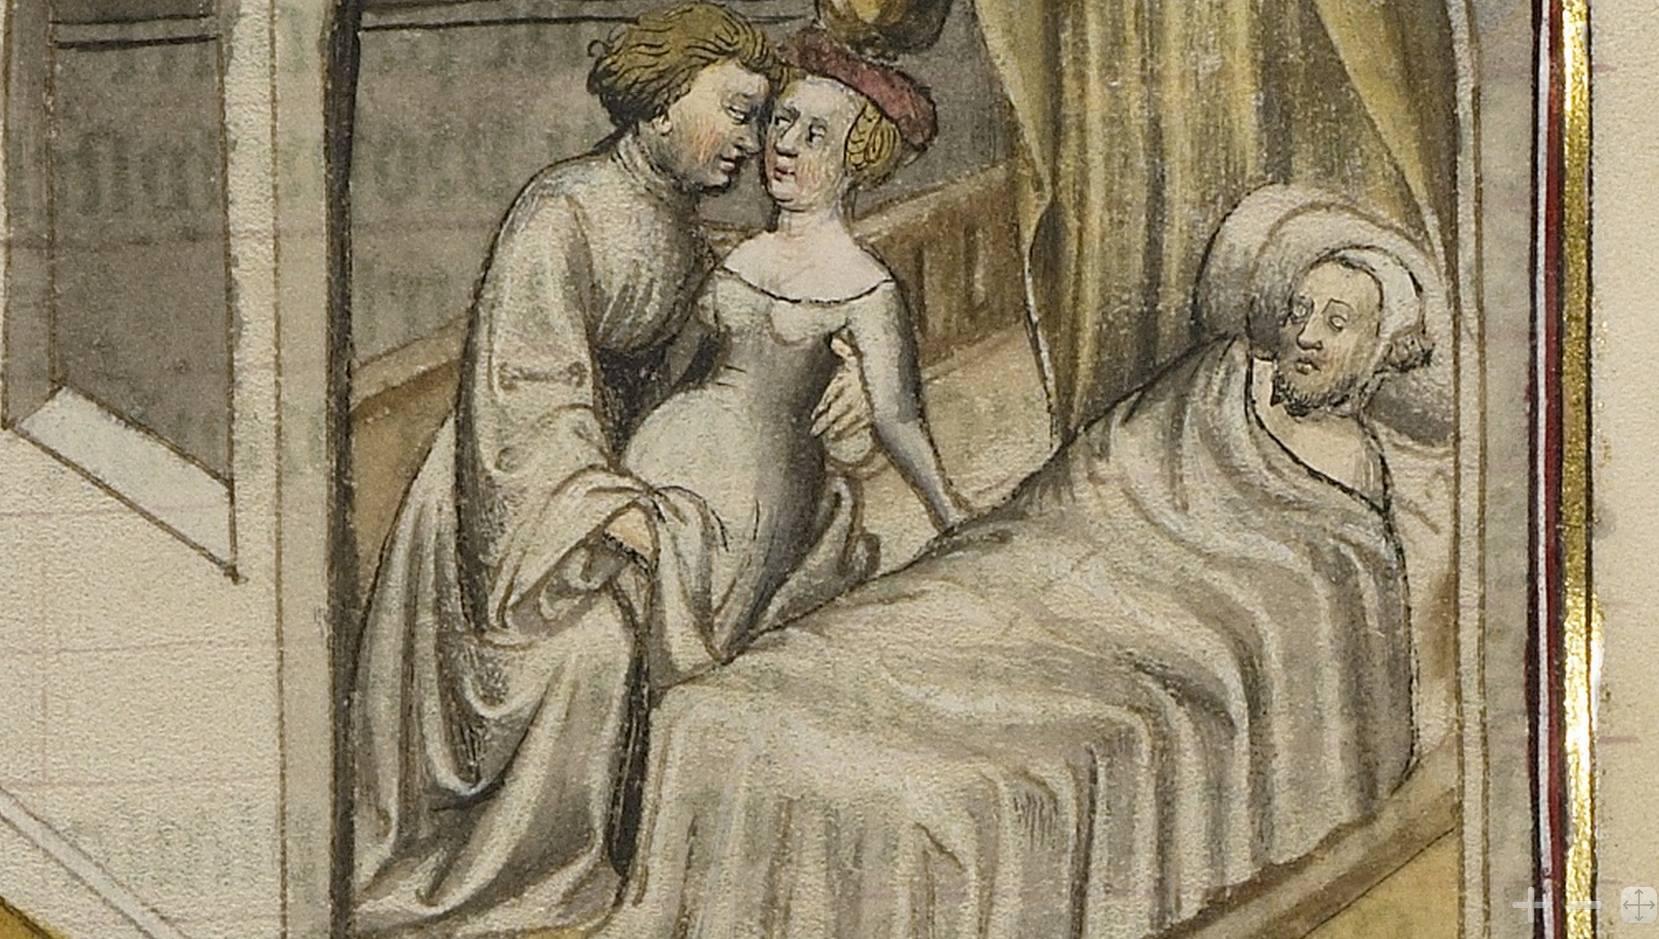 Una donna si incontra con l'amante mentre il marito dorme. Romanzo della Rosa, c. 1405, The J. Paul Getty Museum, Los Angeles